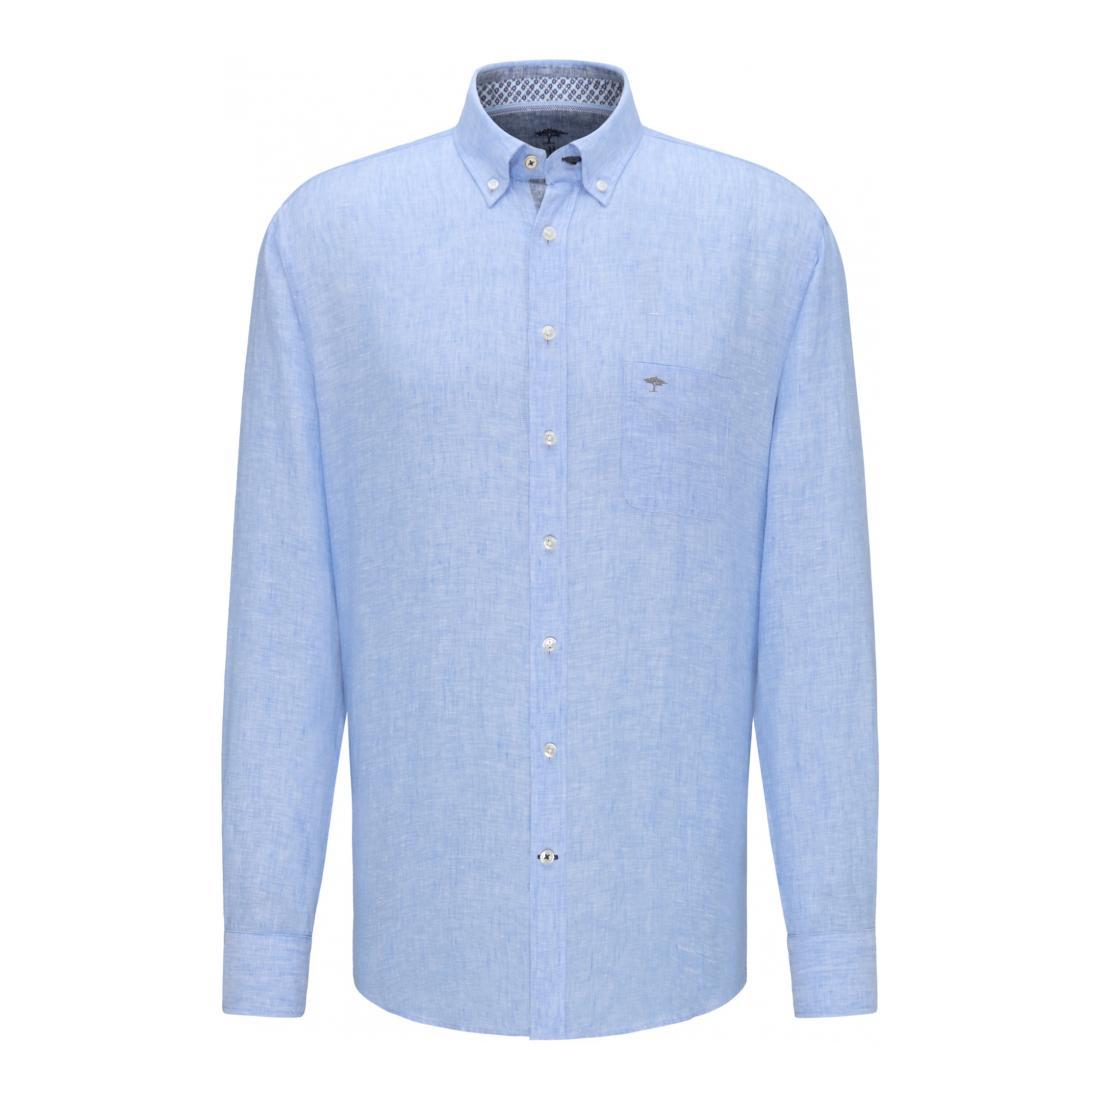 Fynch-Hatton Business Hemden Herren Premium Linen, 1/1, B.D.